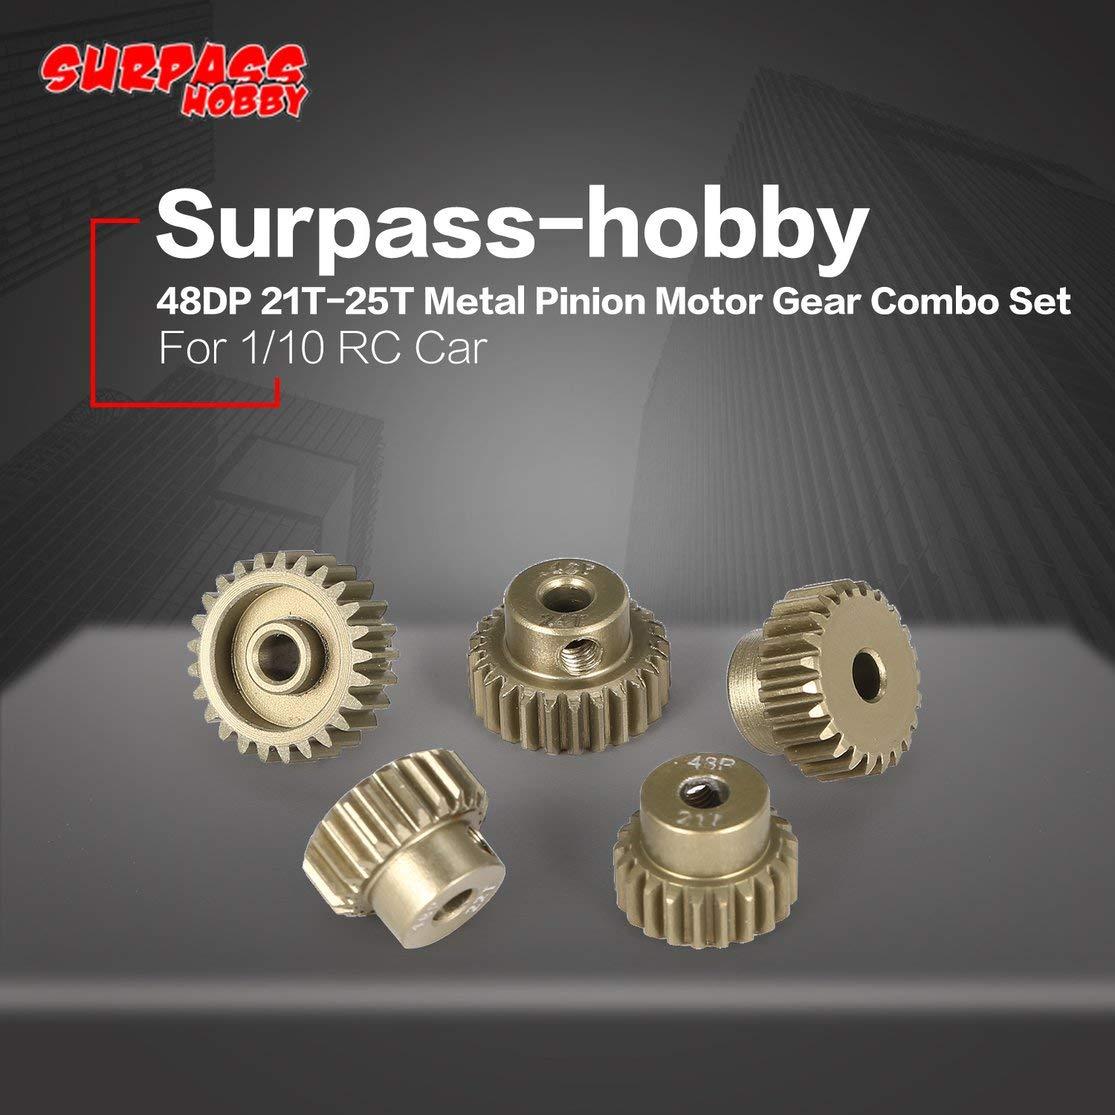 Color: Gris Kaemma Surpass-Hobby 48DP 5Pcs 3.175mm 21T 22T 23T 24T 25T Conjunto de Engranaje de Motor de pi/ñ/ón de Metal para 1//10 RC Car Brushless Motor